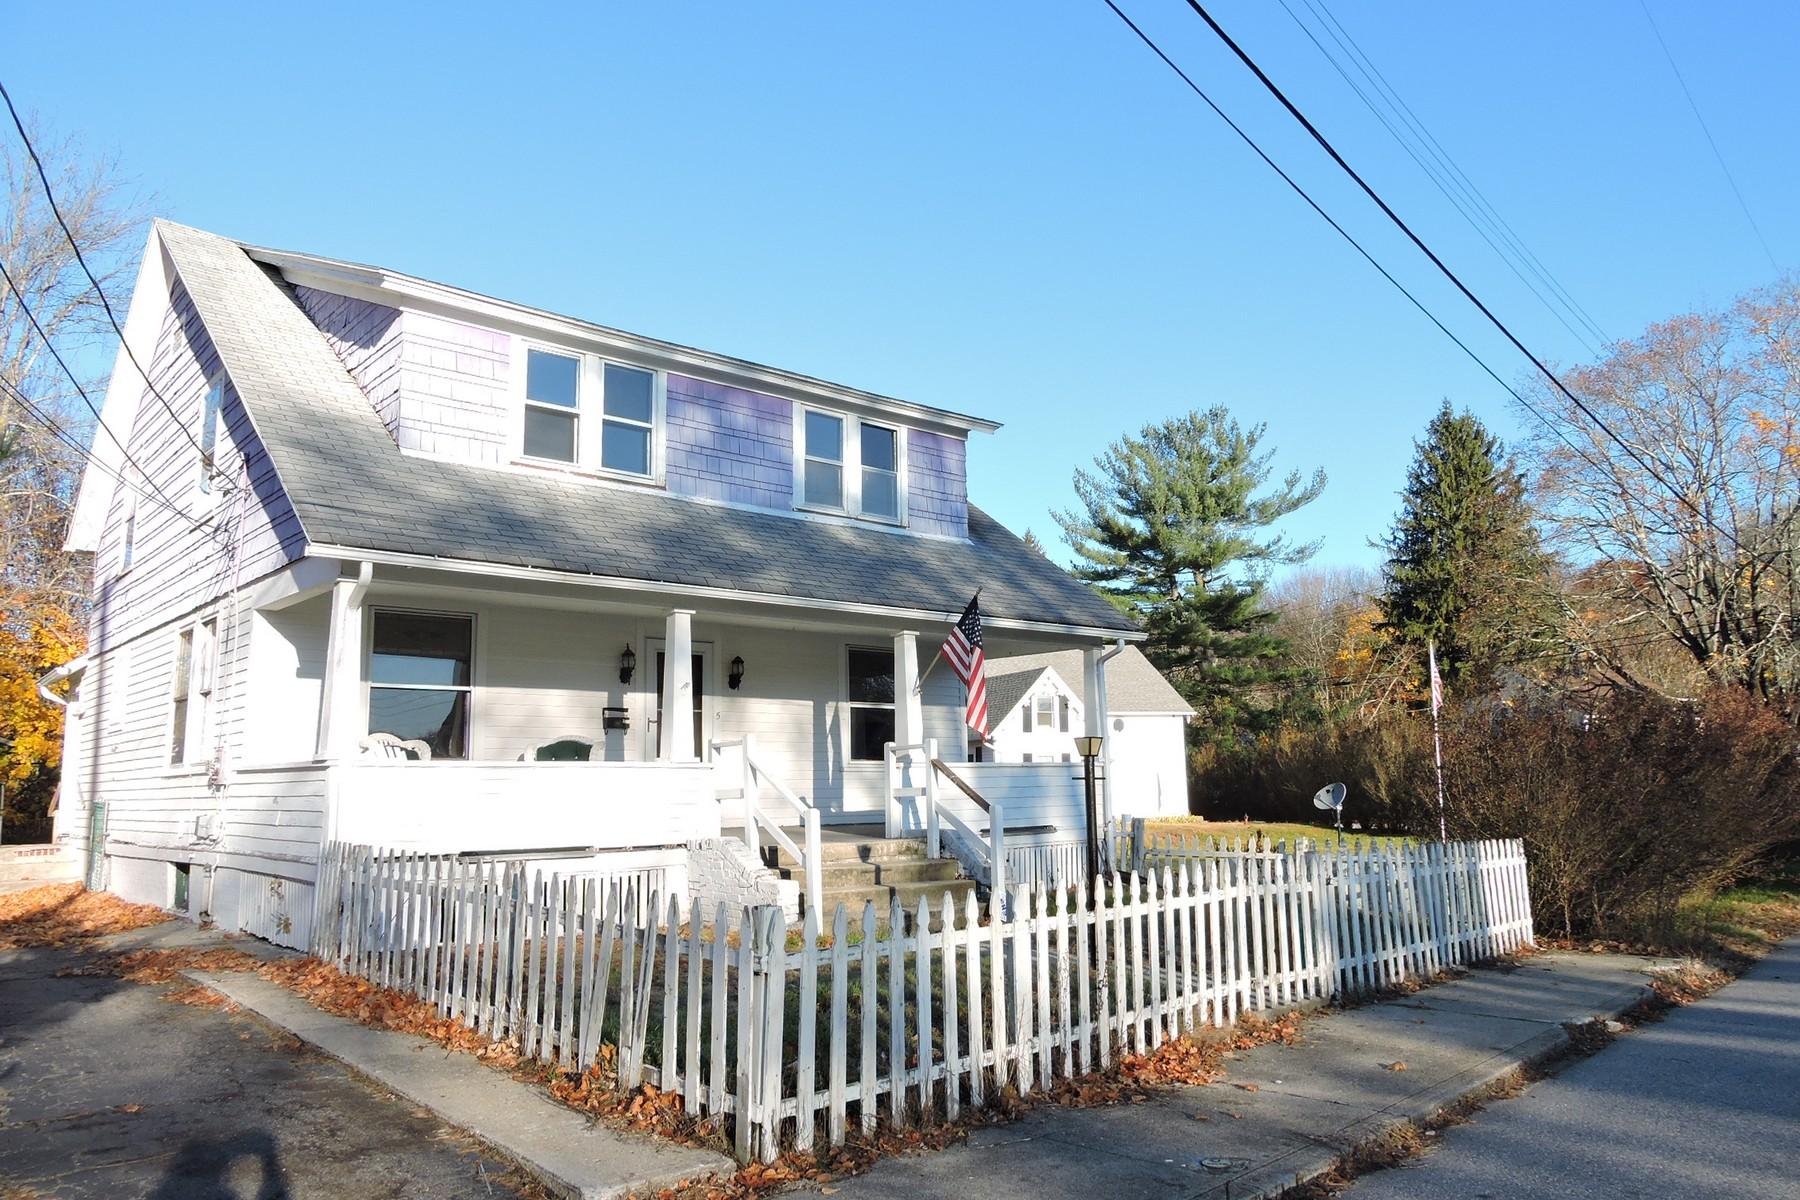 独户住宅 为 销售 在 Spacious Bungalow 5 Burton Ave 诺维奇, 康涅狄格州 06360 美国